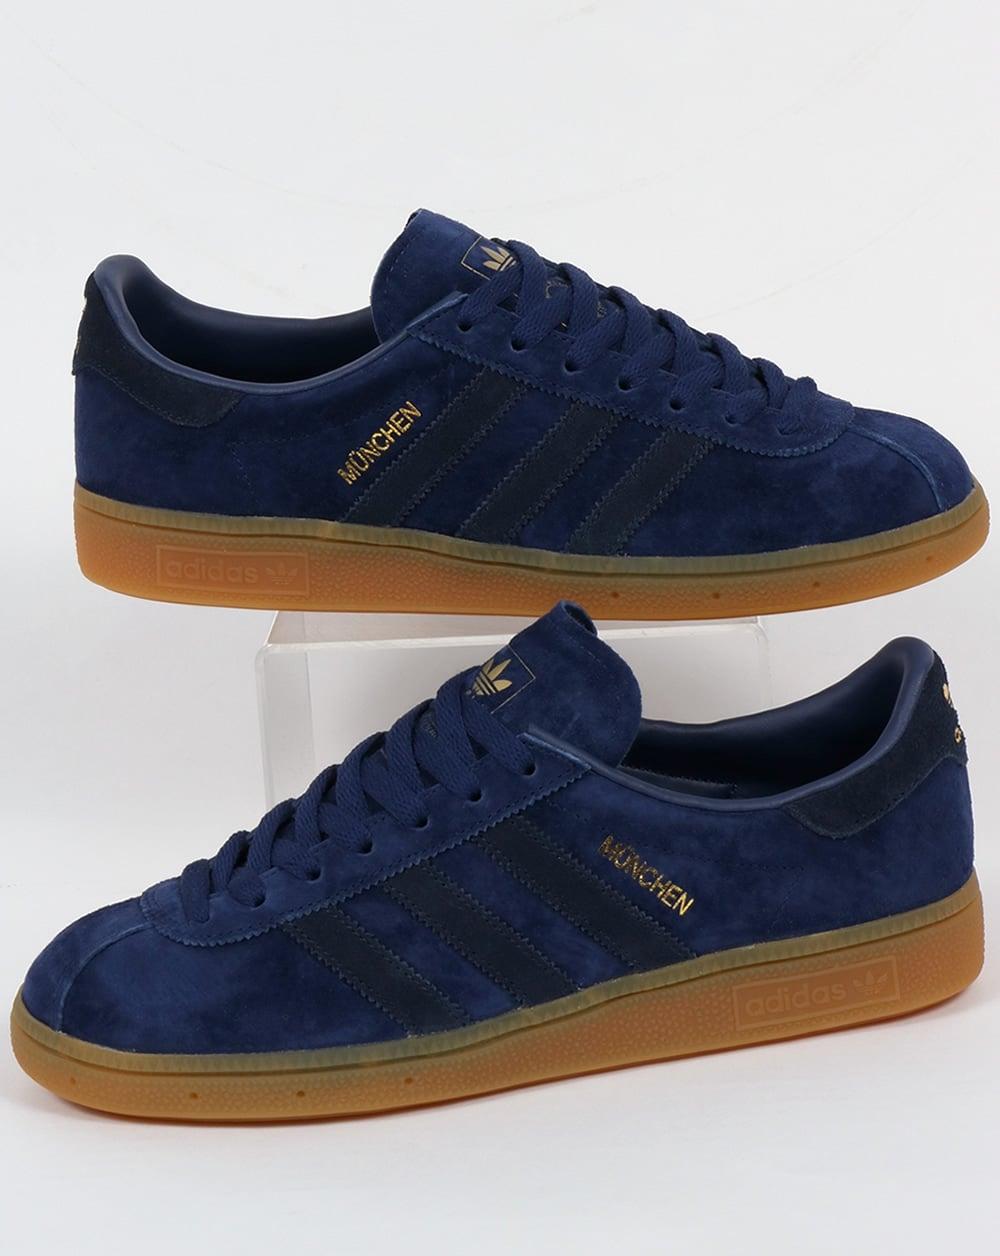 Adidas Munchen Dark Blue & Gum | END.